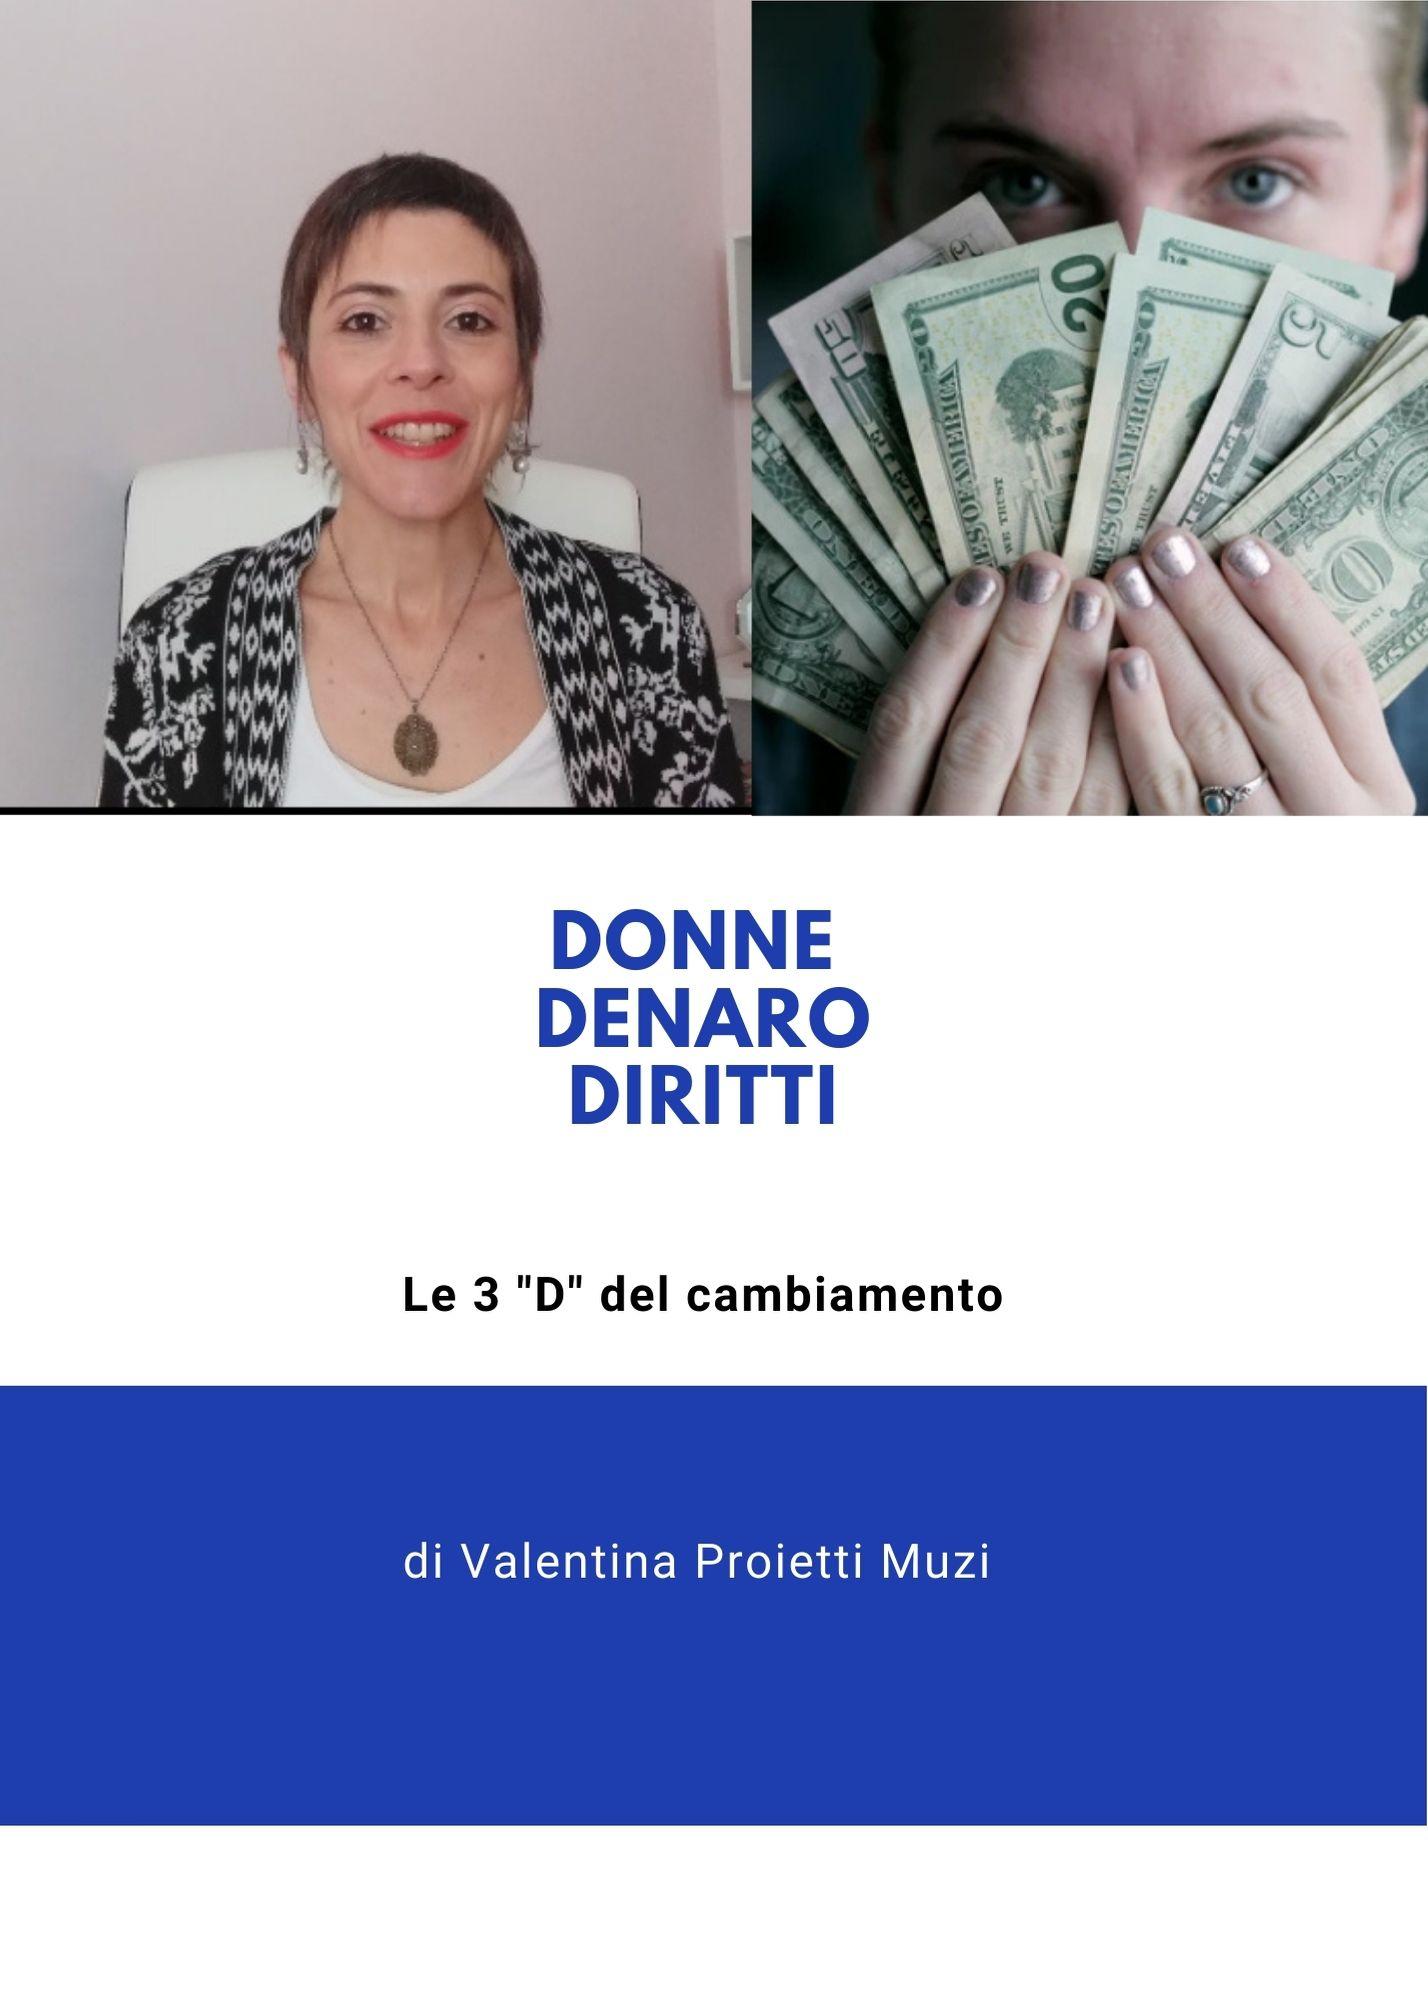 Donne, denaro, diritti. Le 3 'D' del cambiamento.